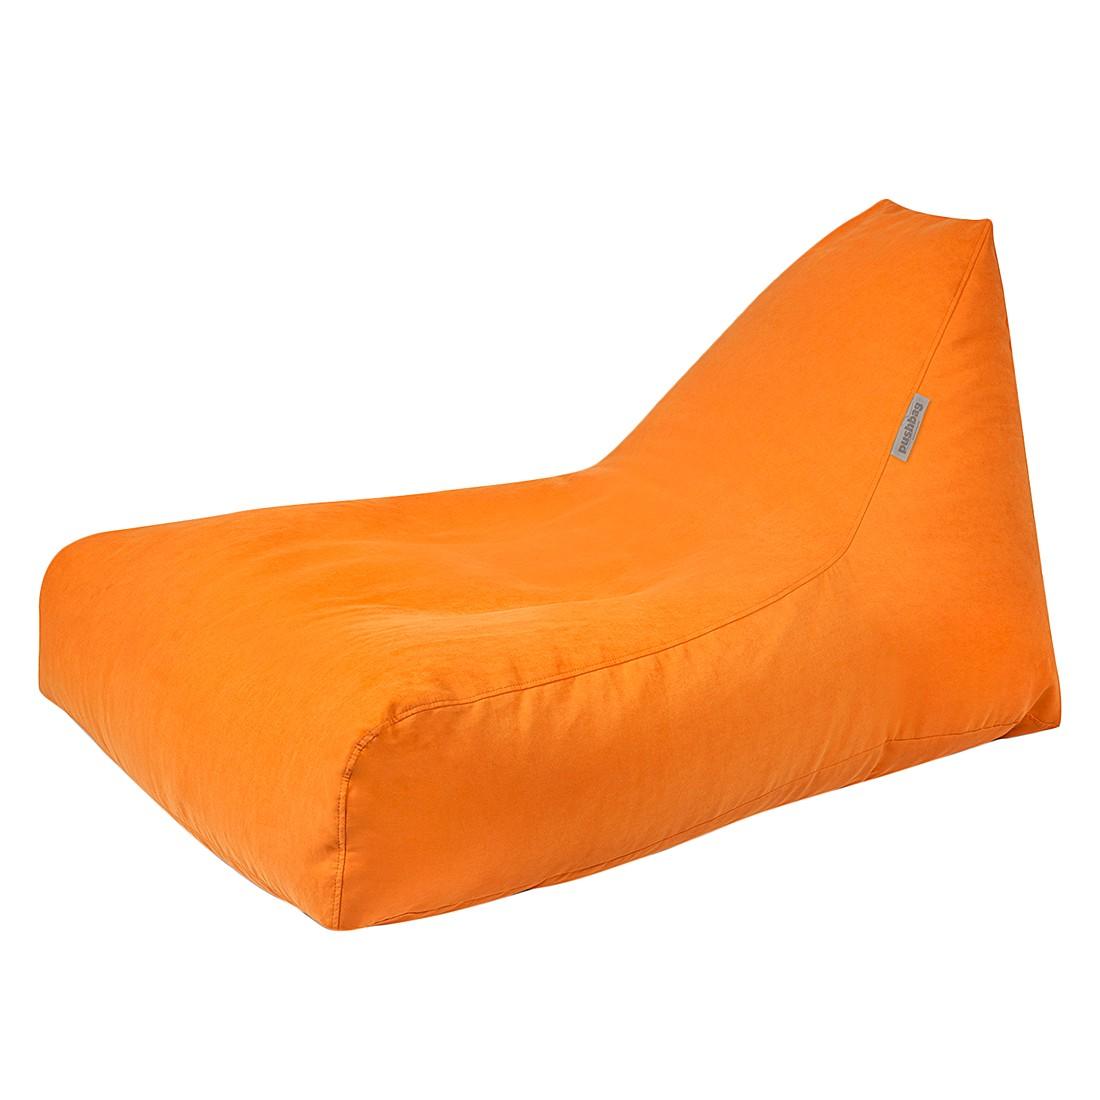 Sitzsack Corner – Webstoff Orange, OUTBAG jetzt bestellen